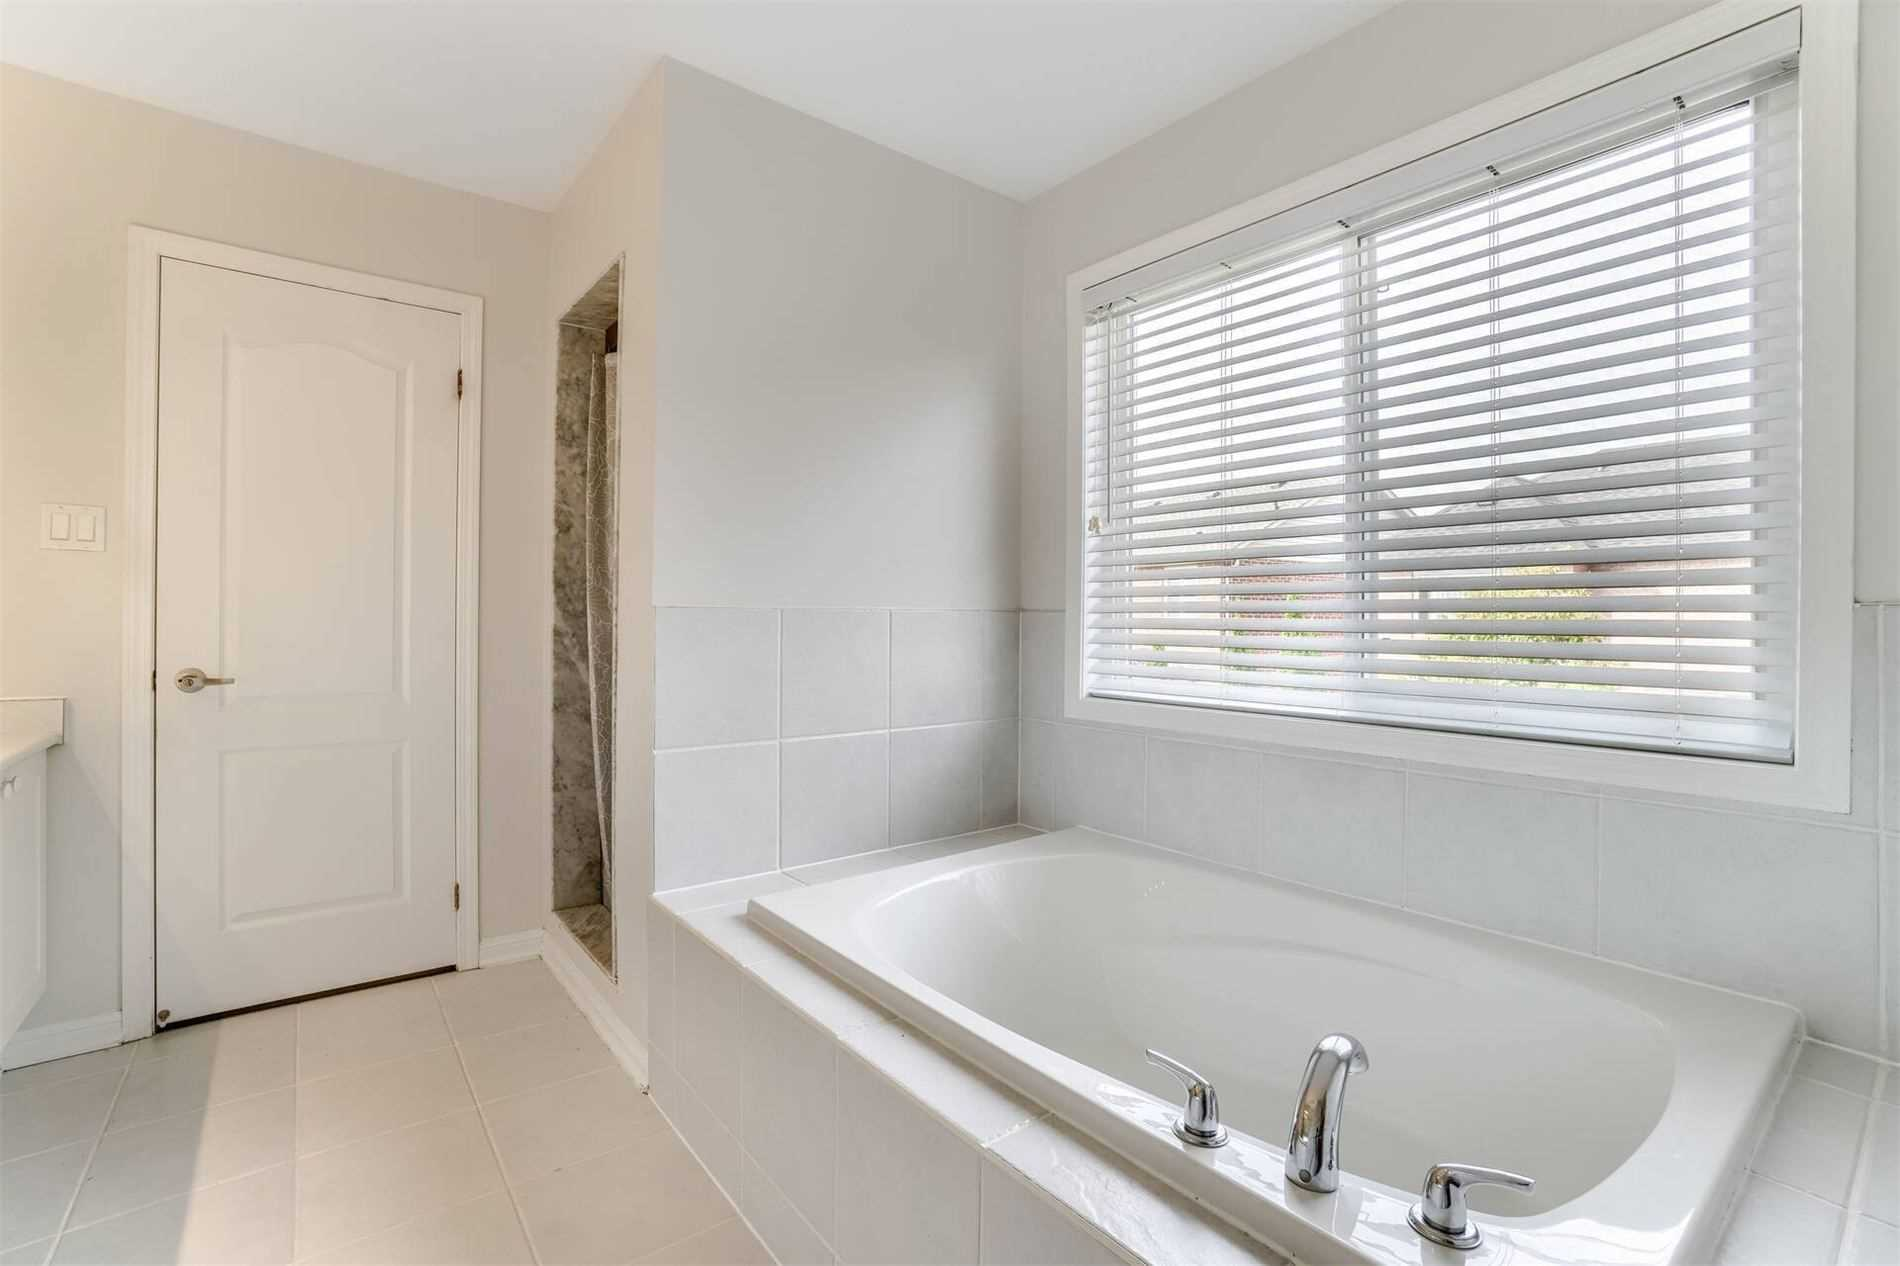 909 Hepburn Rd - Coates Detached for sale, 4 Bedrooms (W5398610) - #23